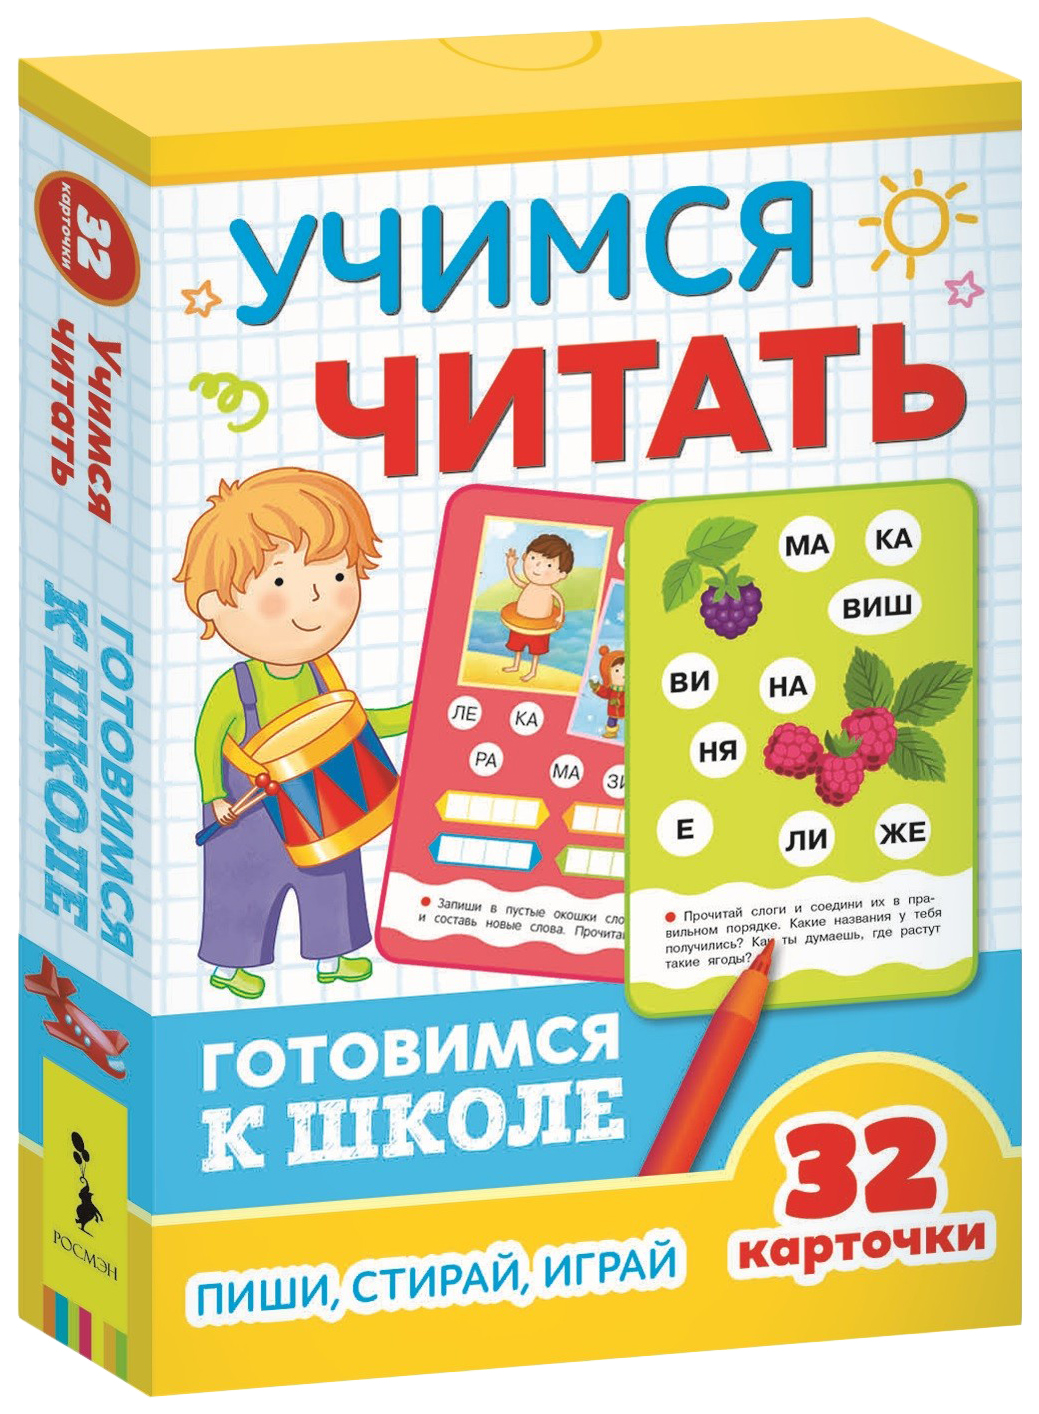 Развивающие карточки. Учимся читать. Готовимся к школе